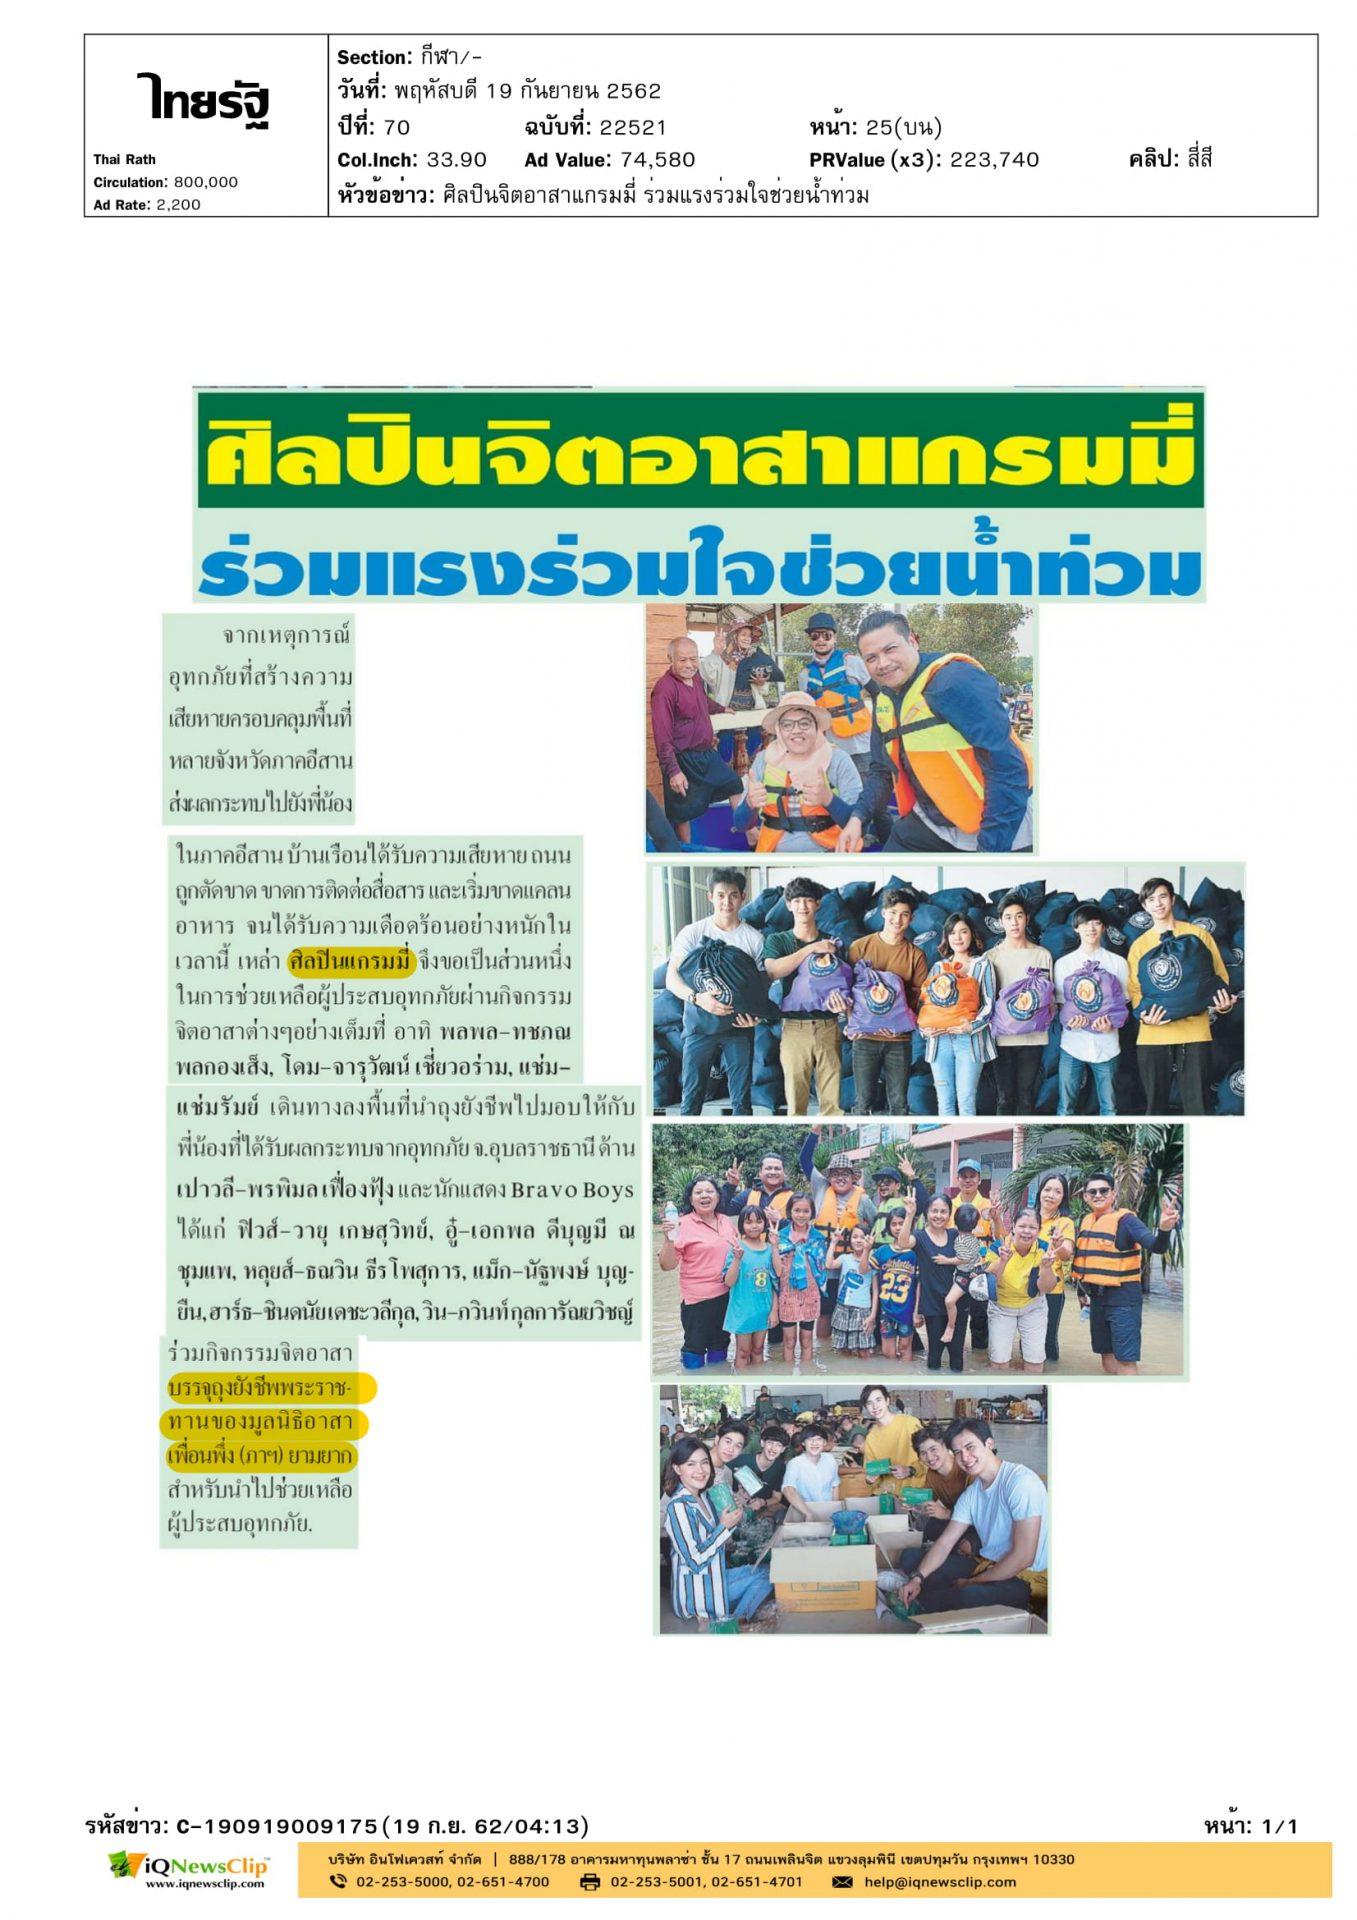 ถุงยังชีพพระราชทานของมูลนิธิอาสาเพื่อนพึ่ง (ภาฯ) ยามยาก สภากาชาดไทย